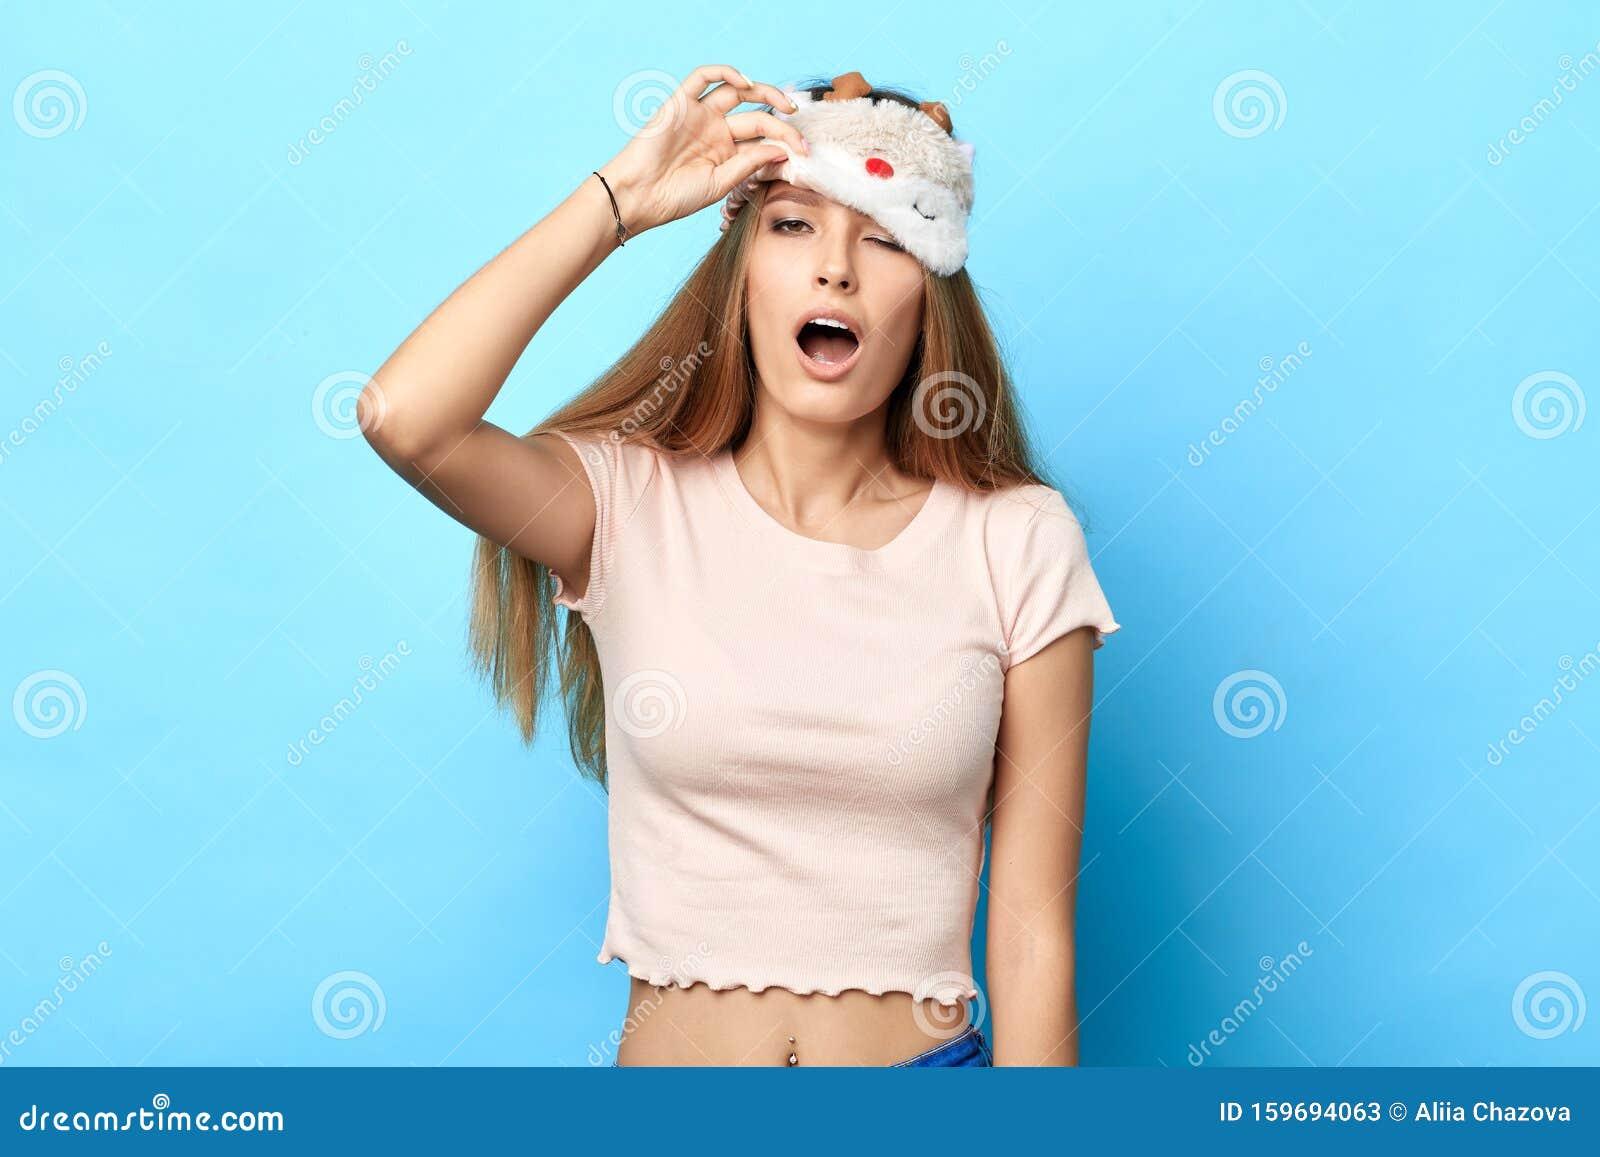 Девушки работа ртом бренд тиффани